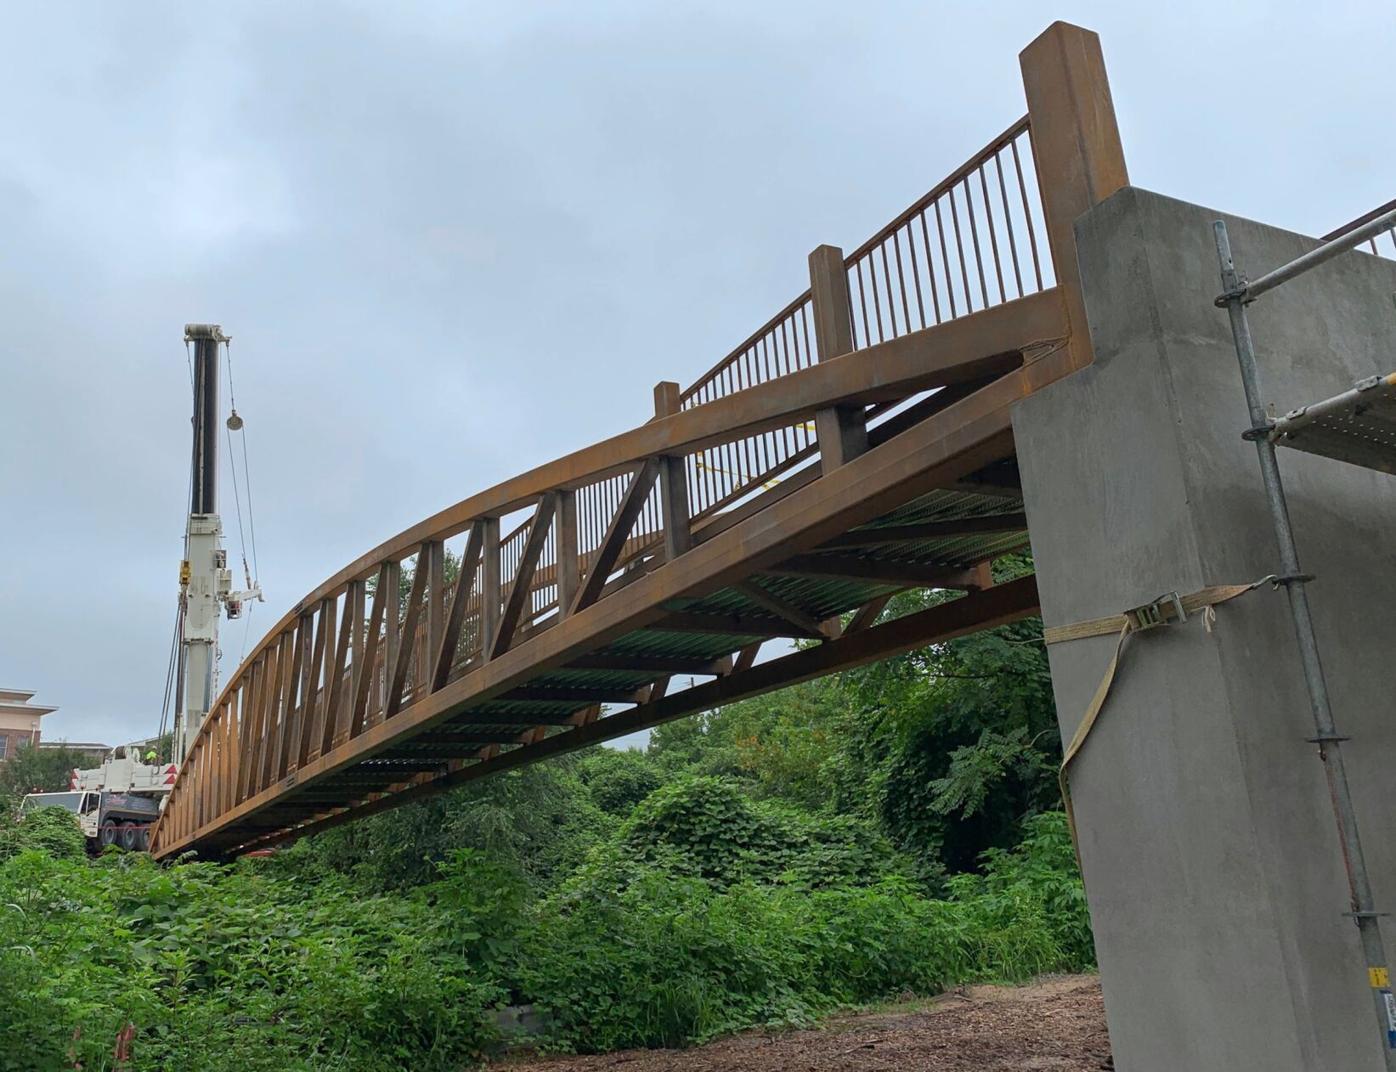 090220_MNS_South_Fork_bridge_003 bridge